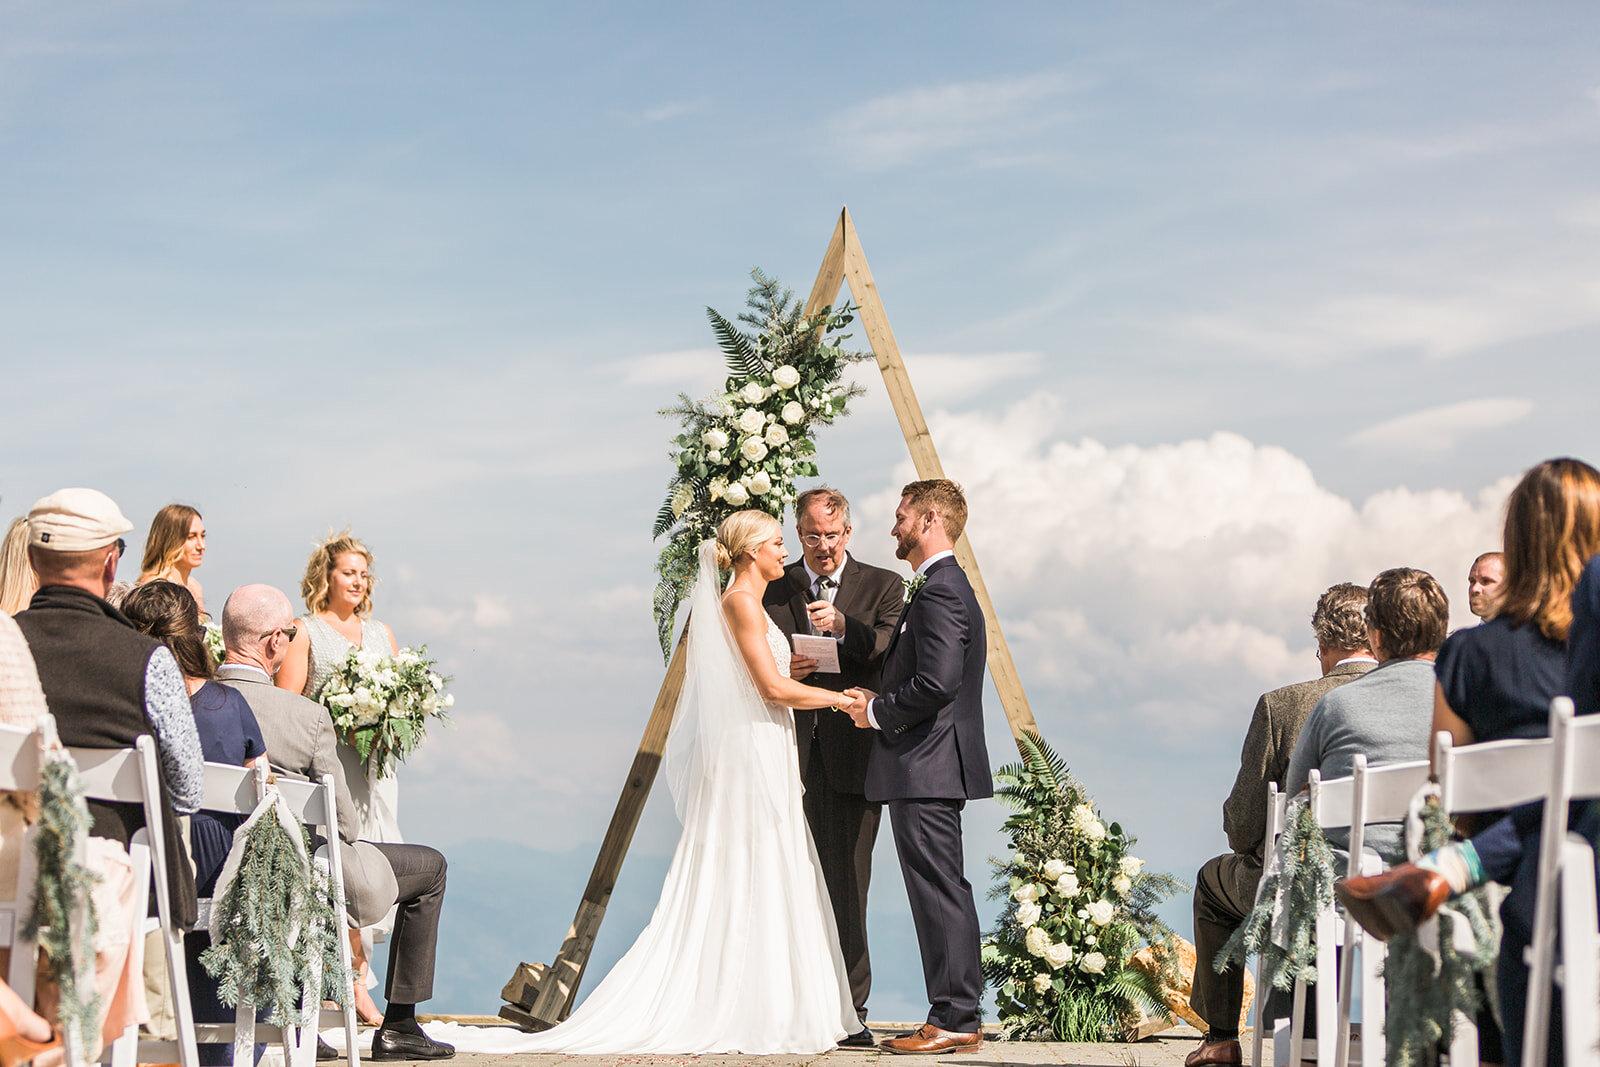 bride and groom wedding ceremony schweitzer spokane